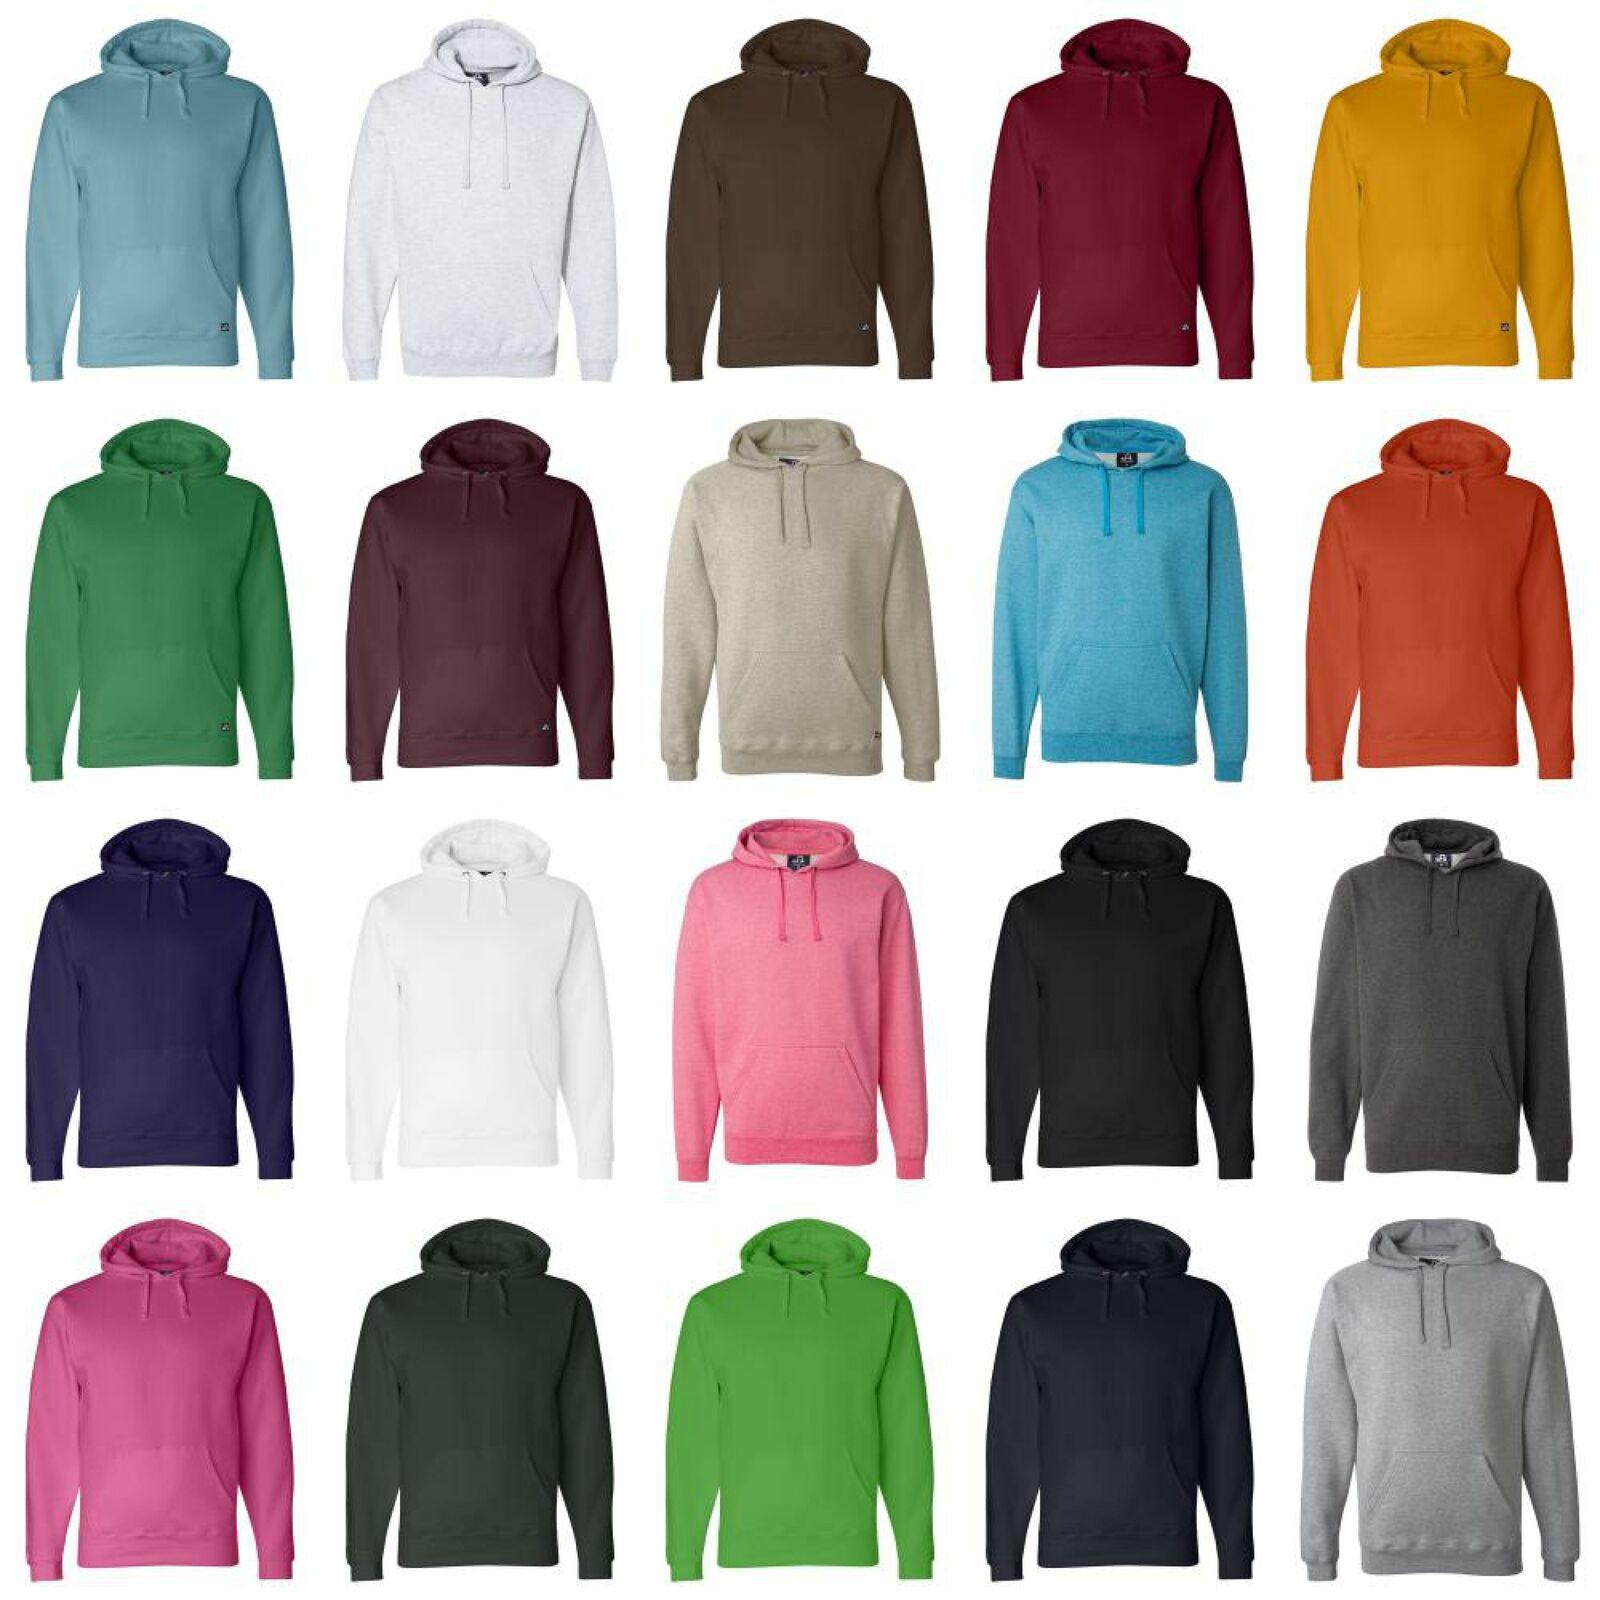 America Premium Hooded Sweatshirt 80//20 Mens Hoodie S-3XL 8824-JA8824 J